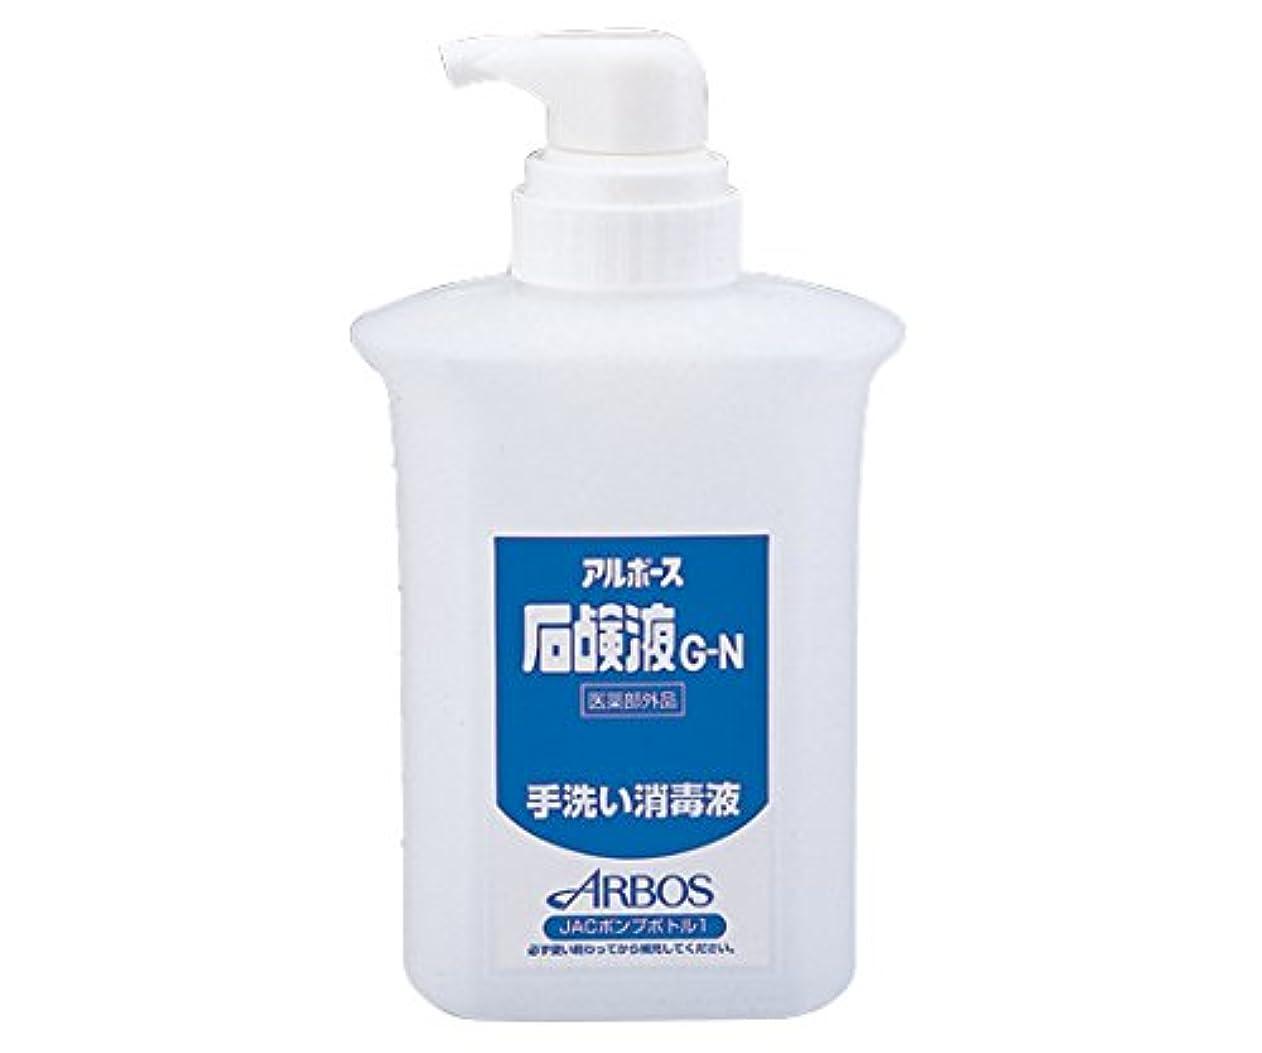 収束するモーテルレイアアルボースiG-N用ポンプボトル 1000mL